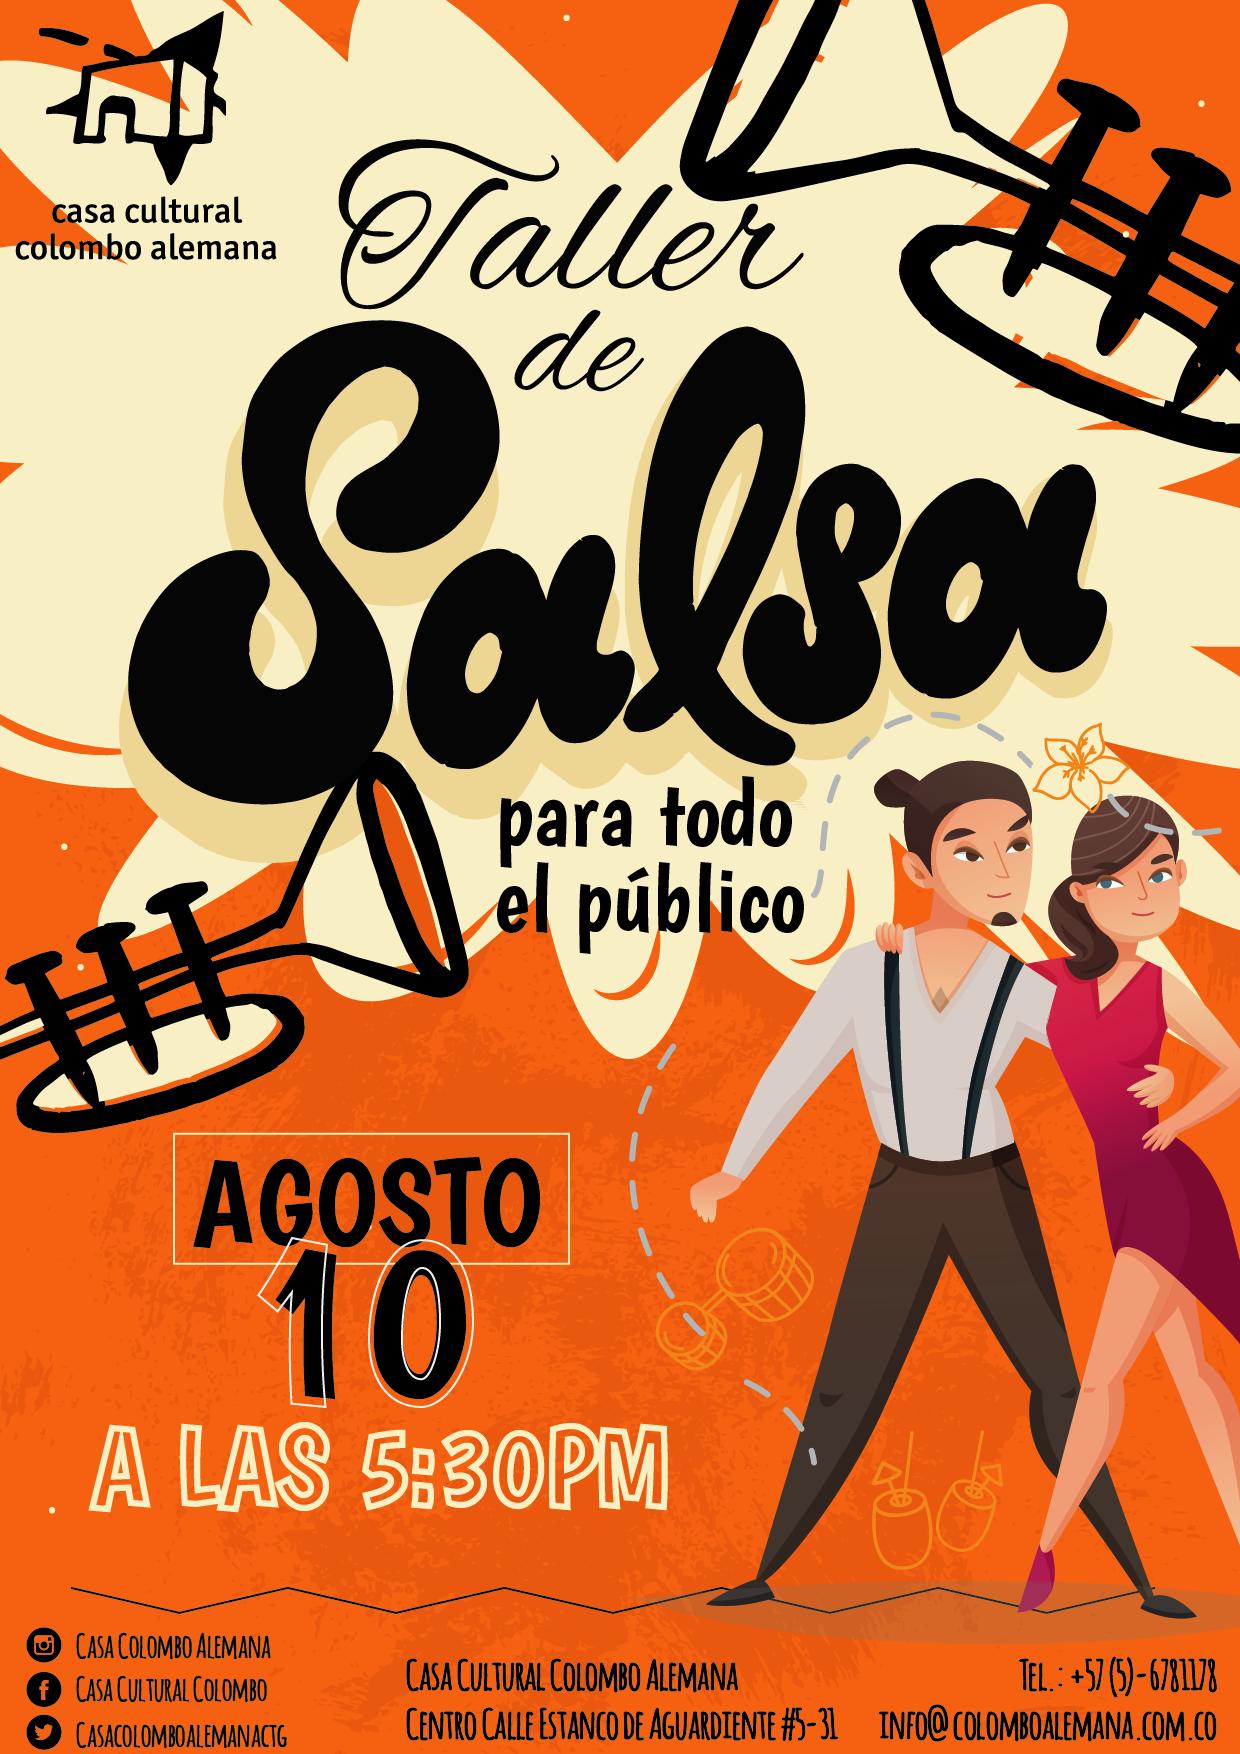 tALLER DE SALSAAGOSTO2019-01